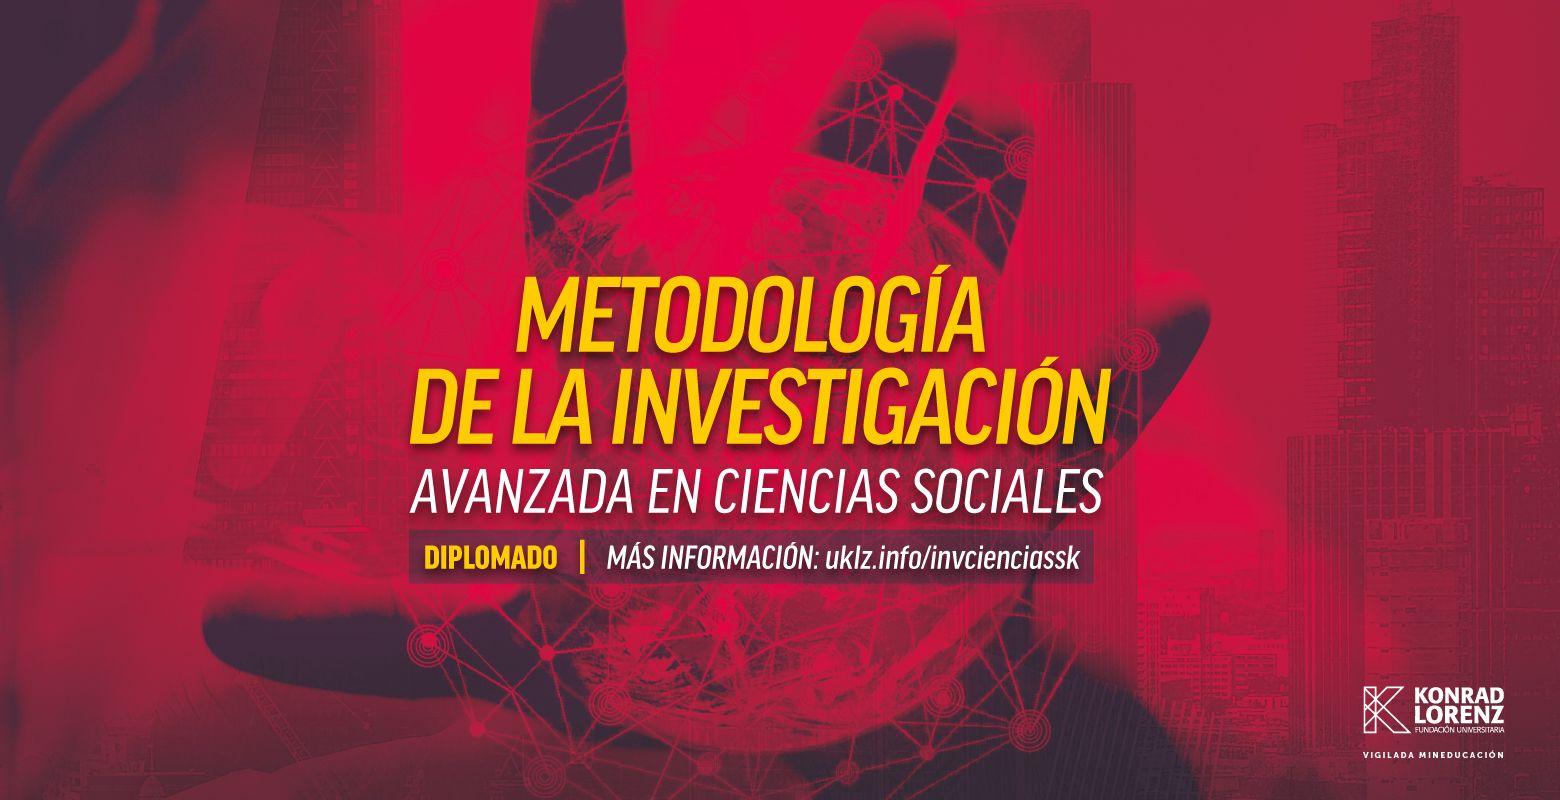 Diplomado en Metodología de la Investigación Avanzada en Ciencias Sociales